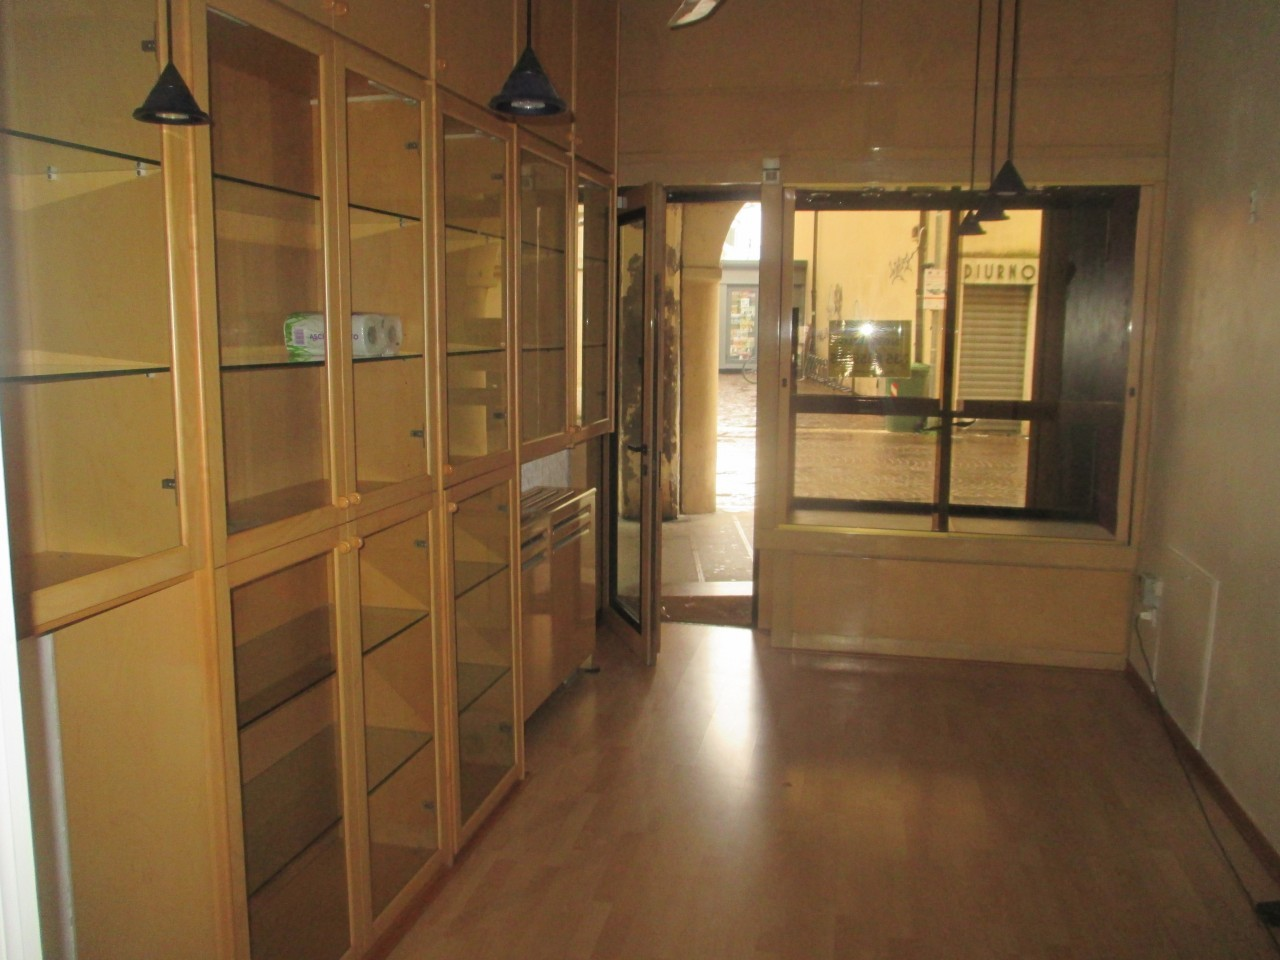 Locale commerciale - 1 Vetrina a Rovigo Rif. 10954040